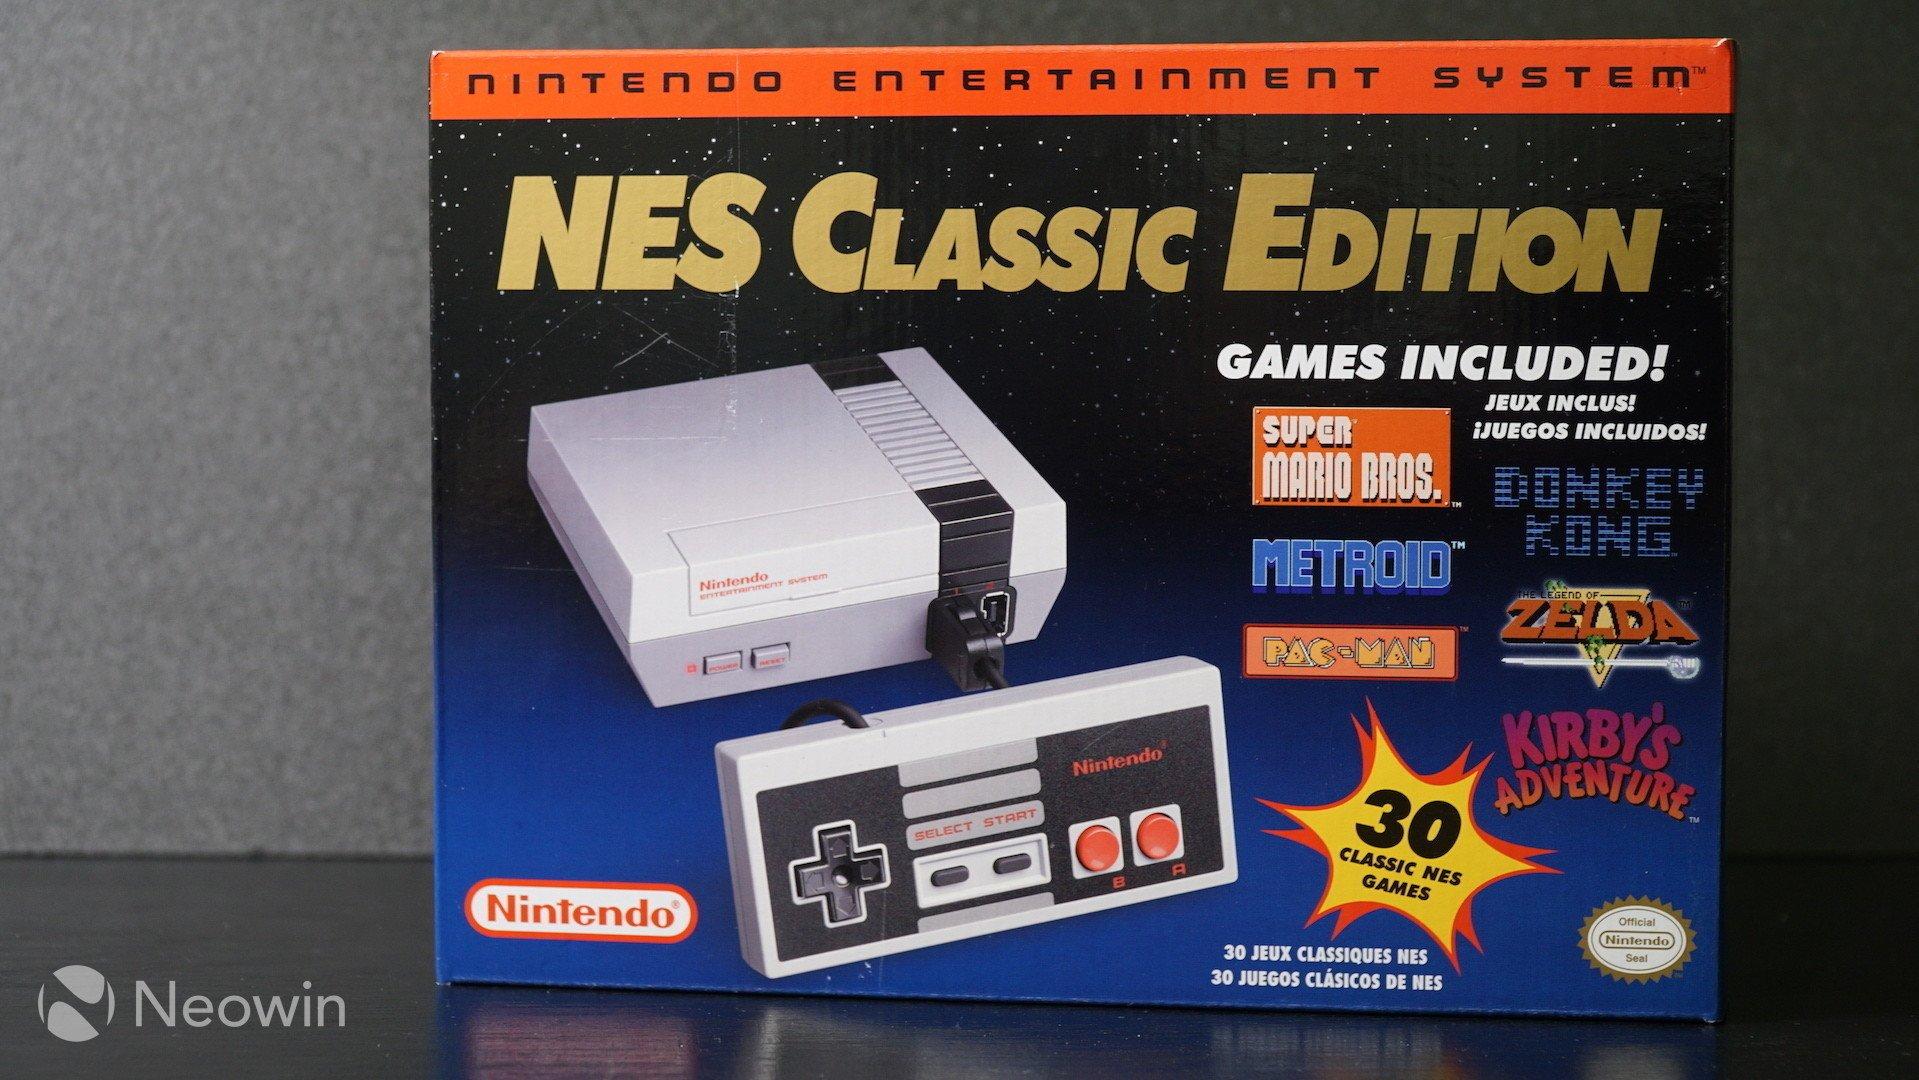 Nintendo NES Classic üretimi yine sonlanıyor